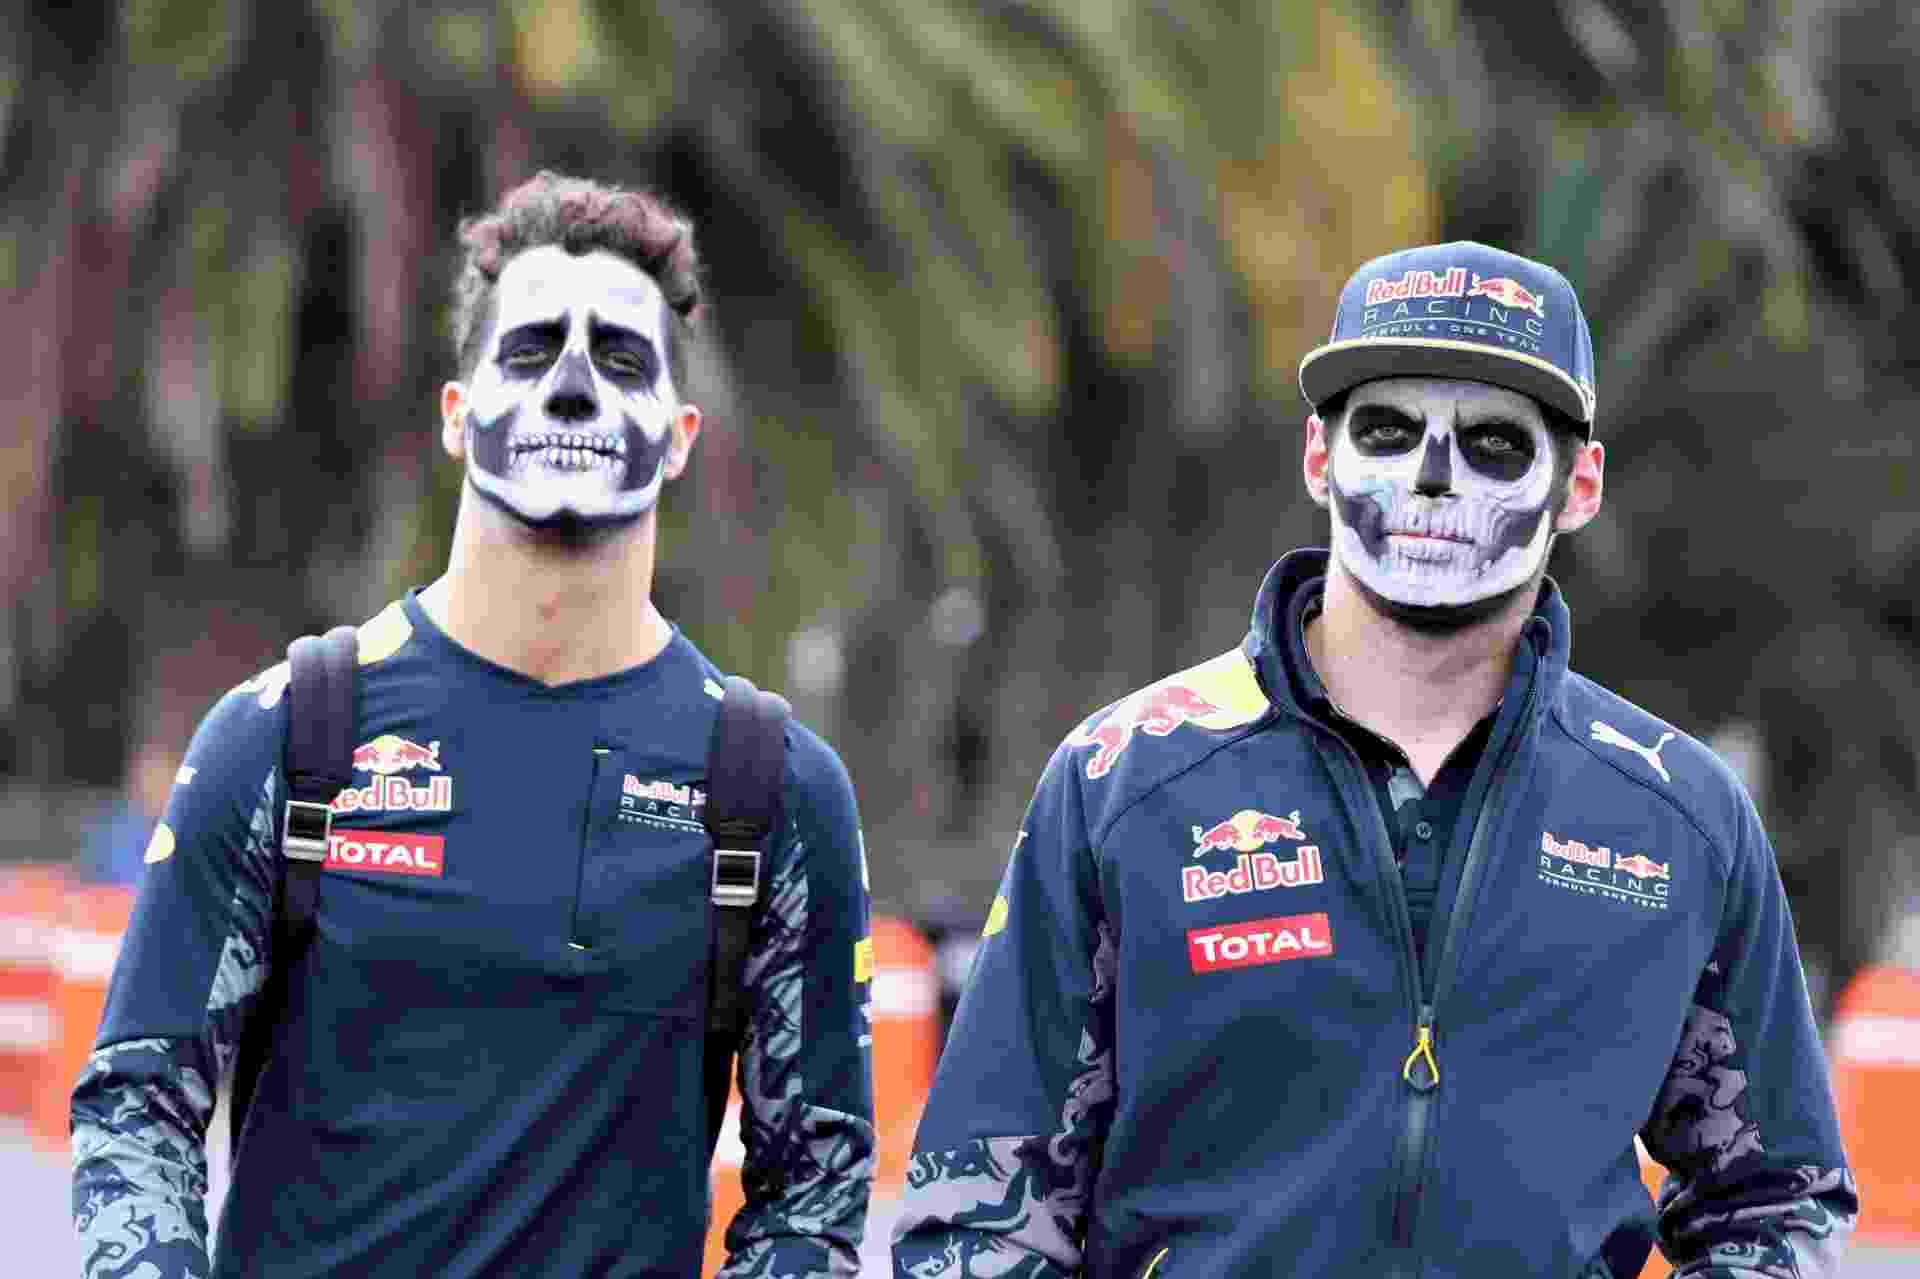 Max Verstappen e Daniel Ricciardo no GP do México - Clive Mason/Getty Images